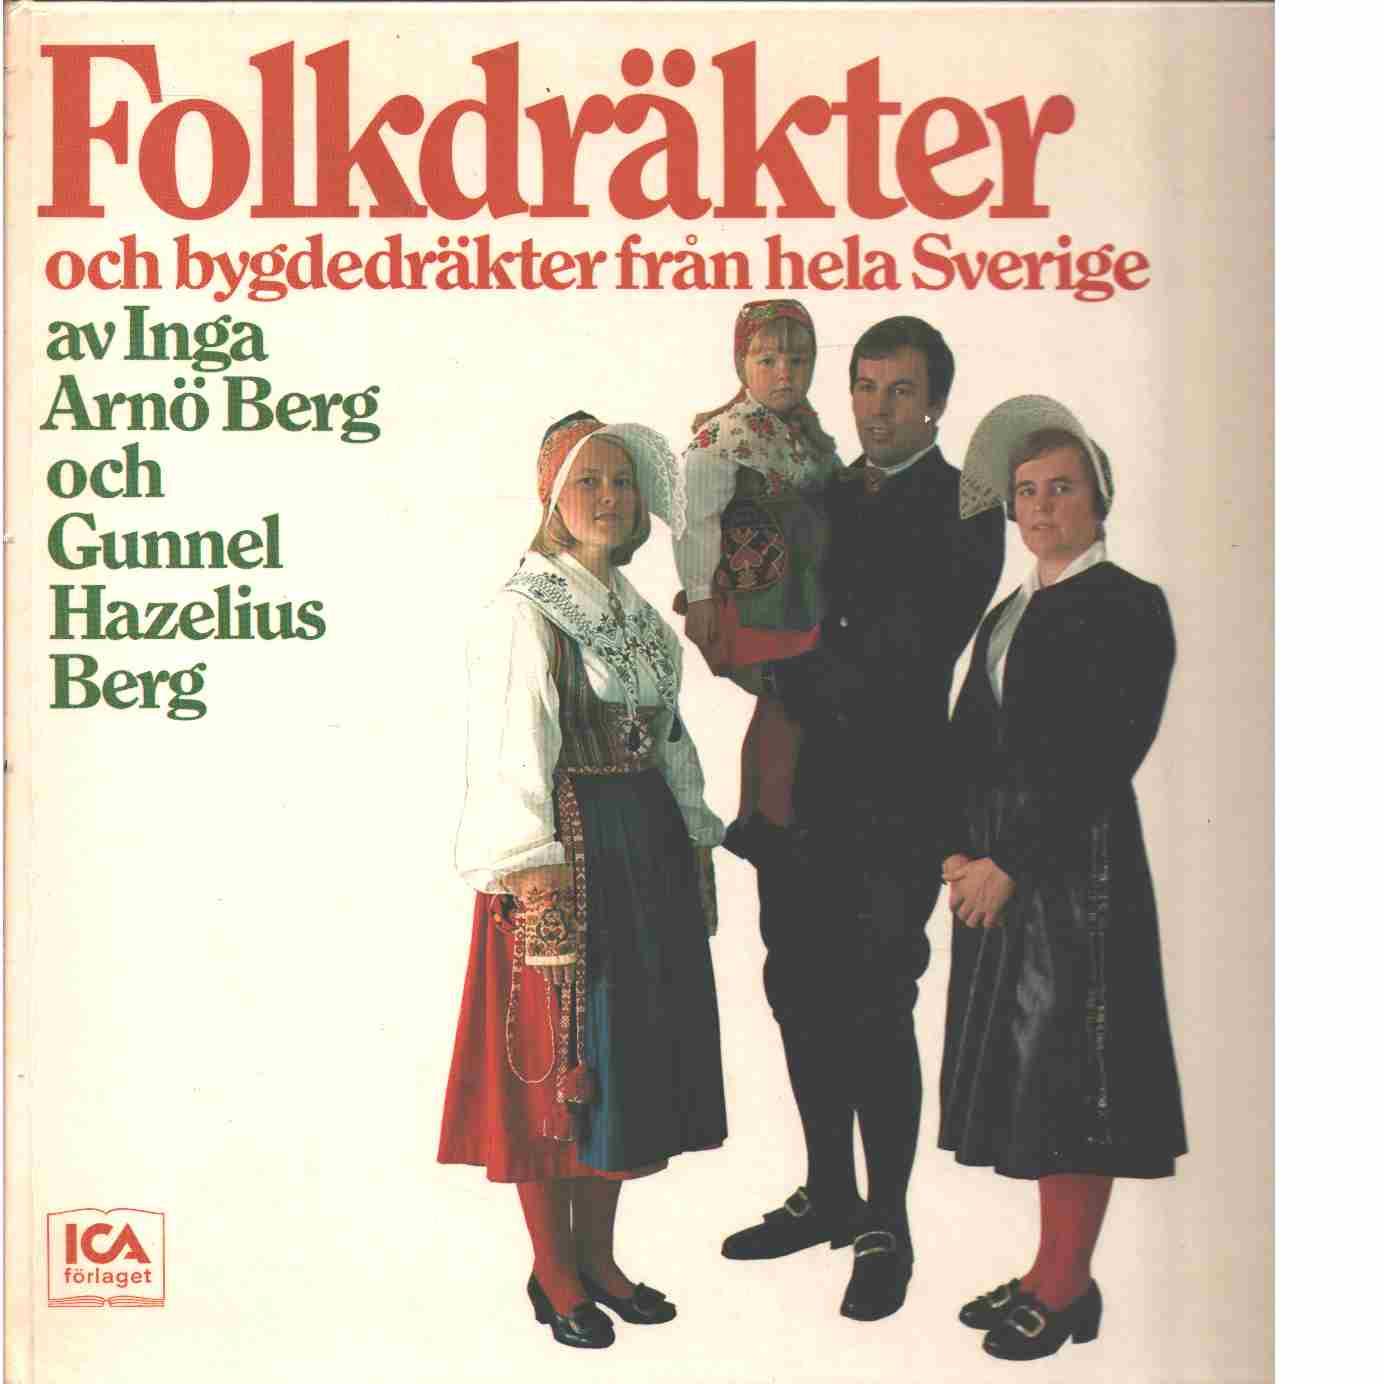 Folkdräkter och bygdedräkter från hela Sverige - Arnö-Berg, Inga och Hazelius-Berg, Gunnel